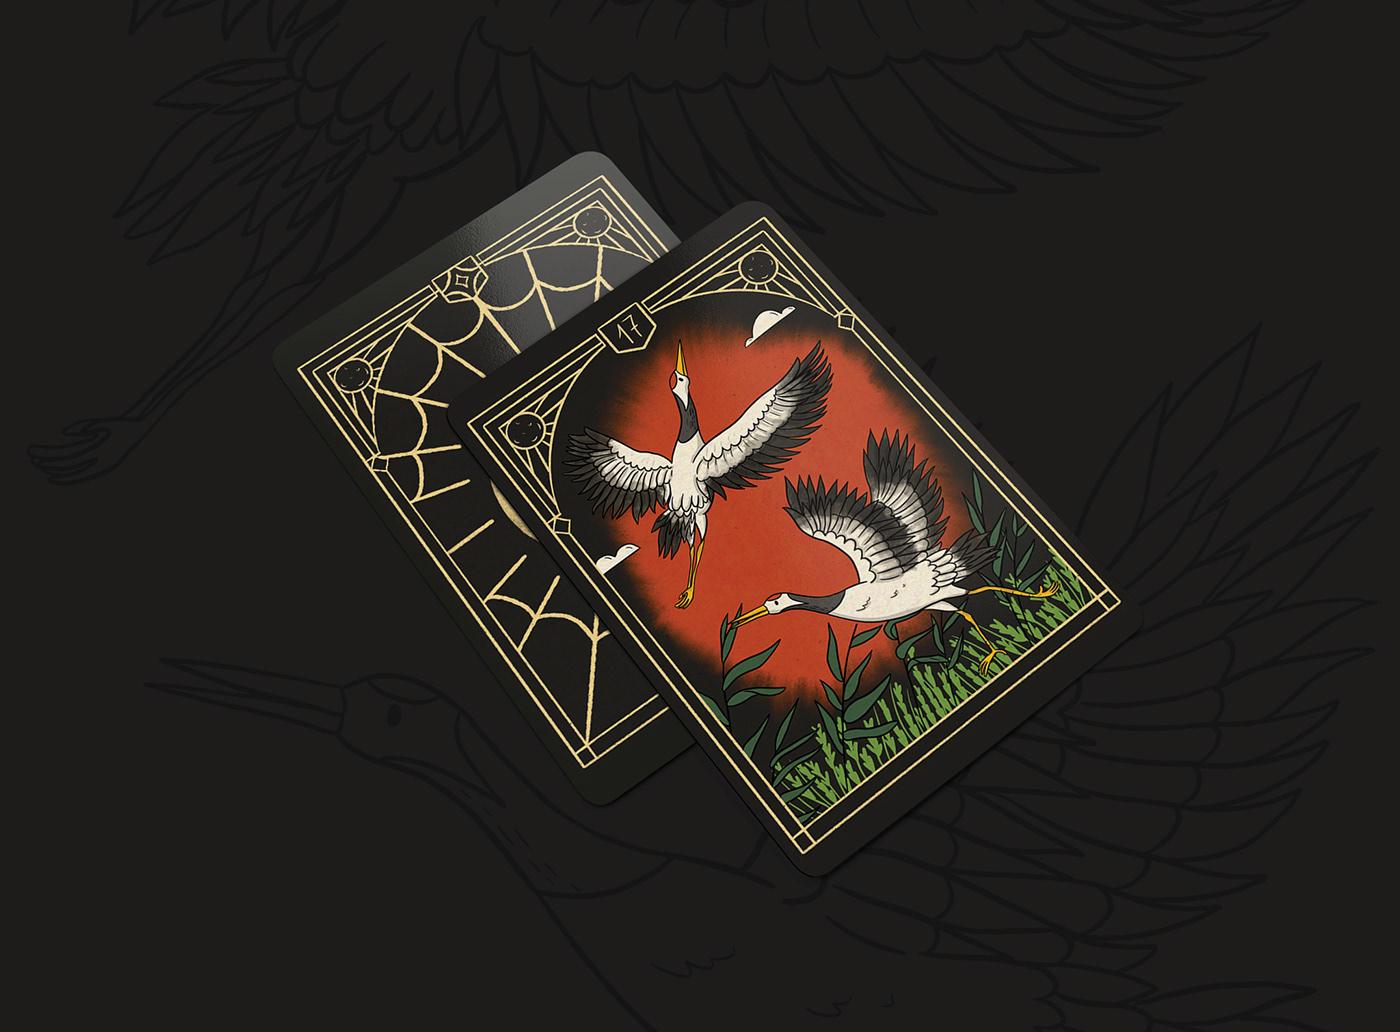 deck lenormand lenormand cards tarot Tarot Cards